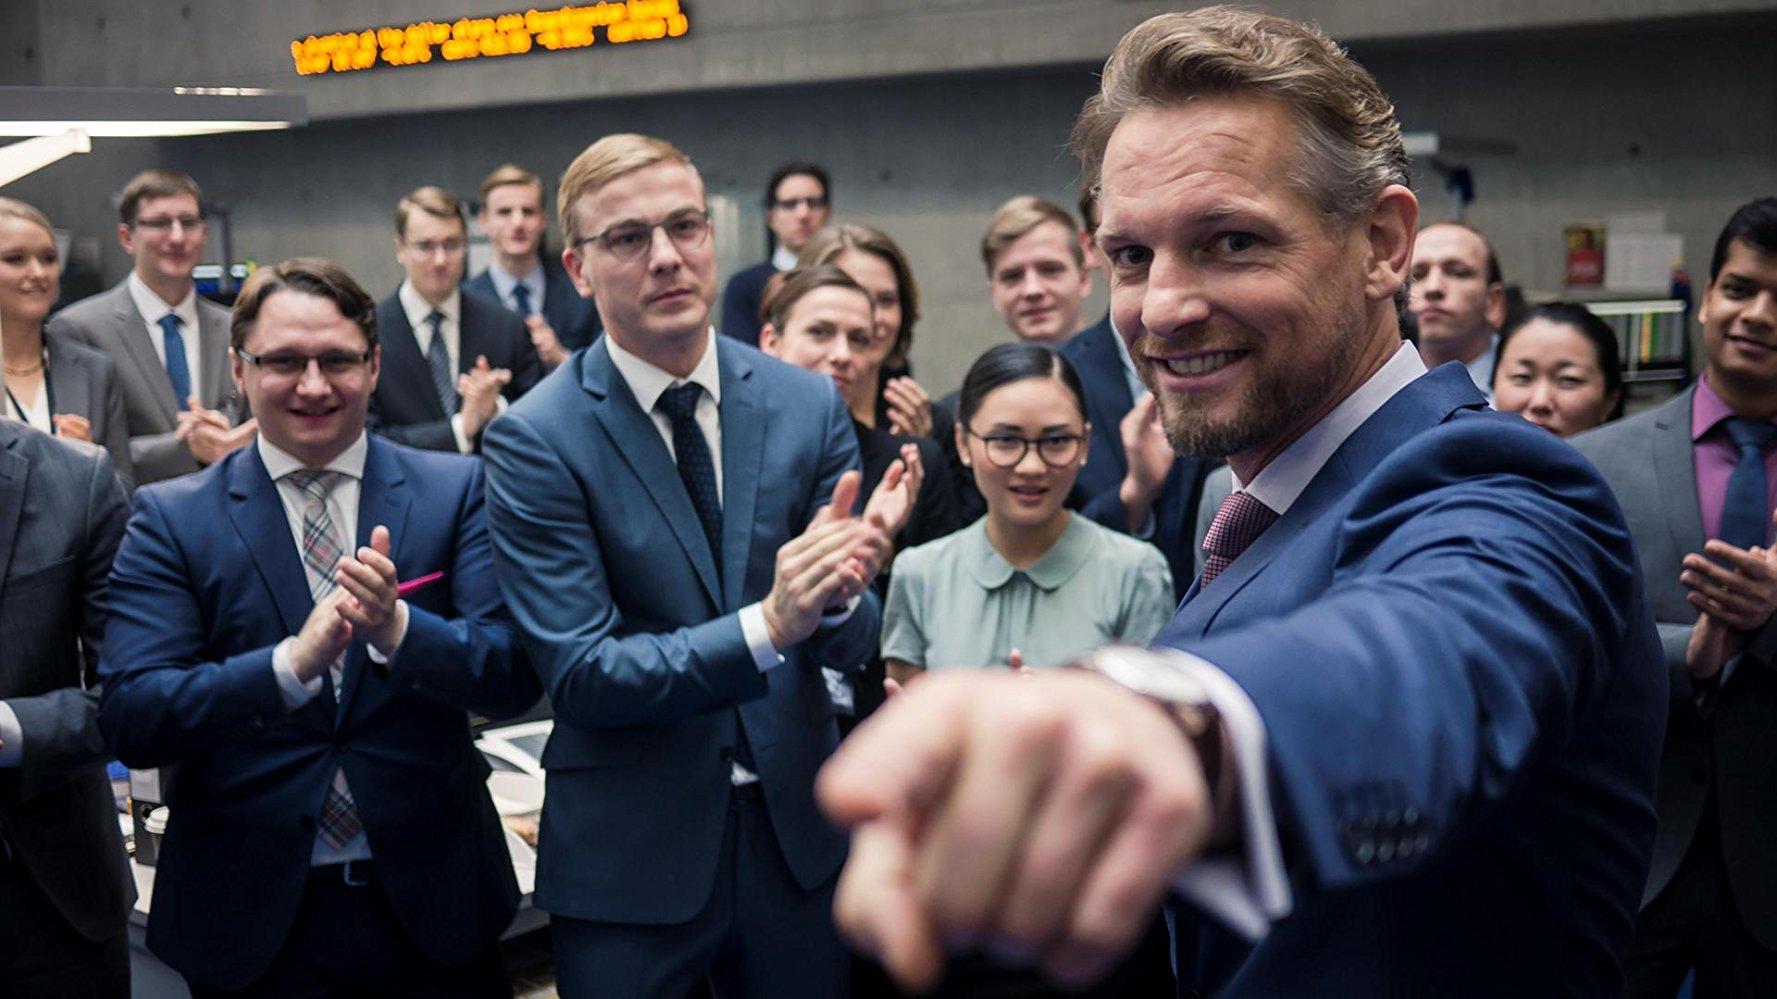 Deutscher Fernsehpreis : Bad Banks obtient le prix de la meilleure série ainsi que le prix de la meilleure réalisation